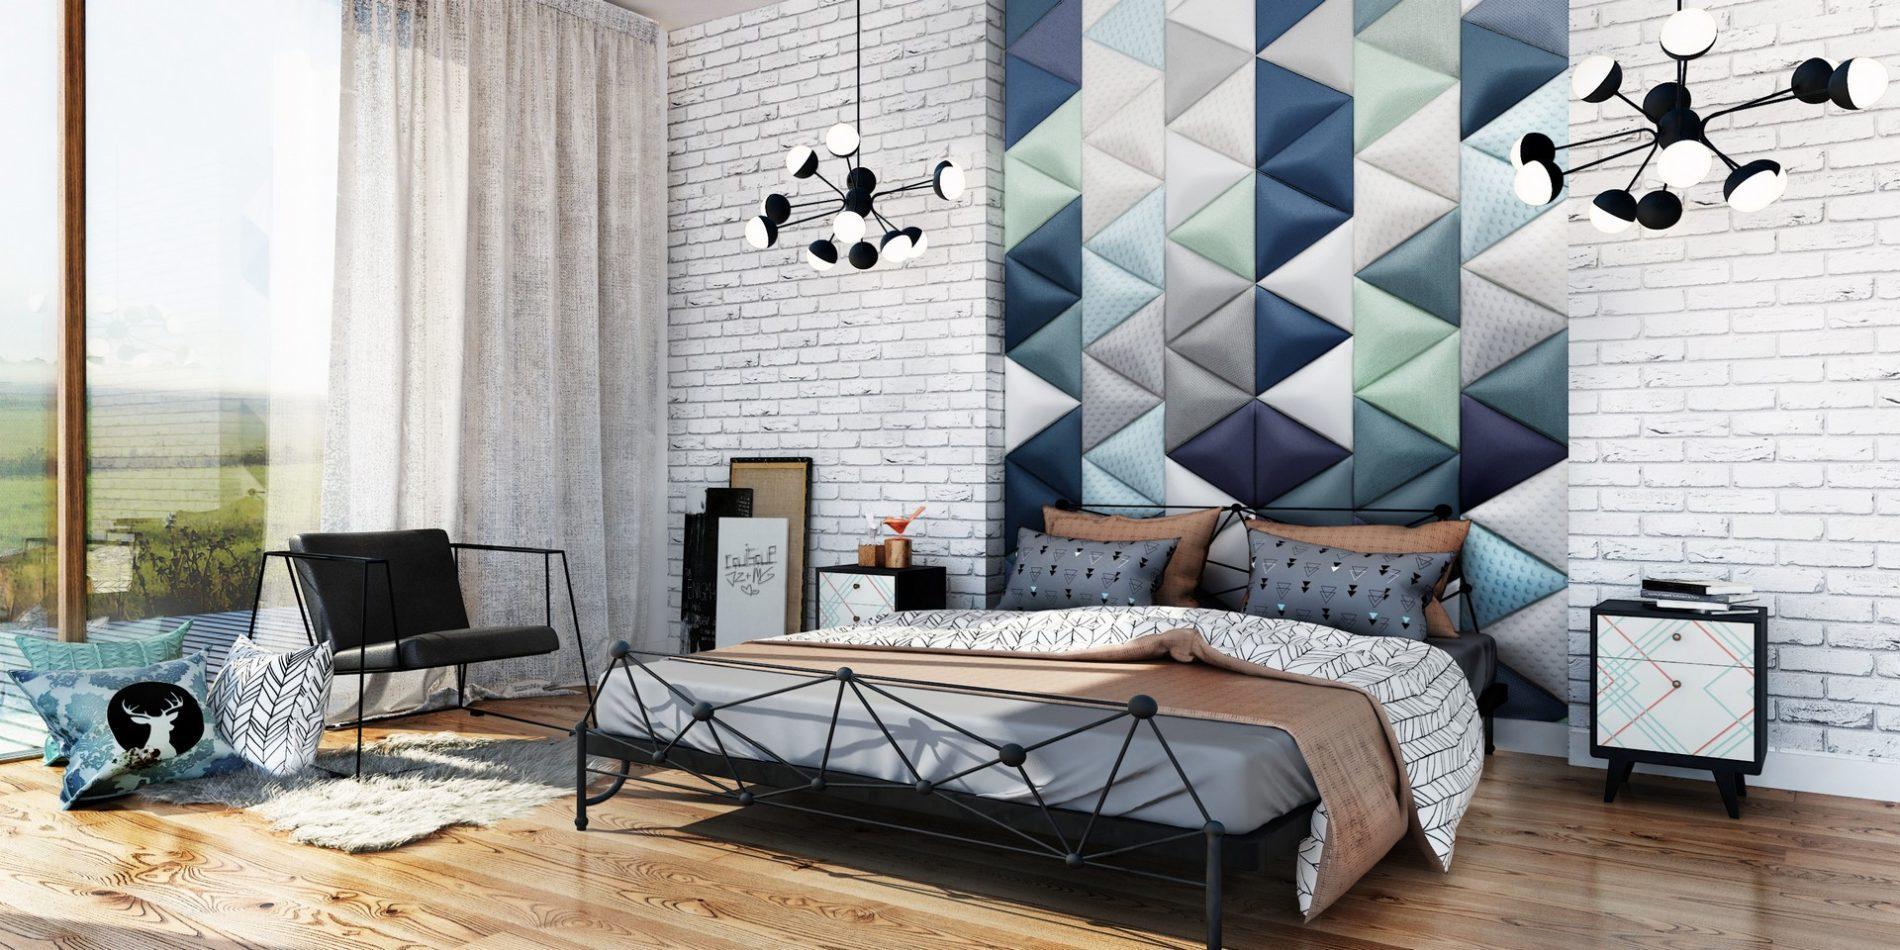 sypialnia z płytkami dappi.pl wizualizacja architektoniczna